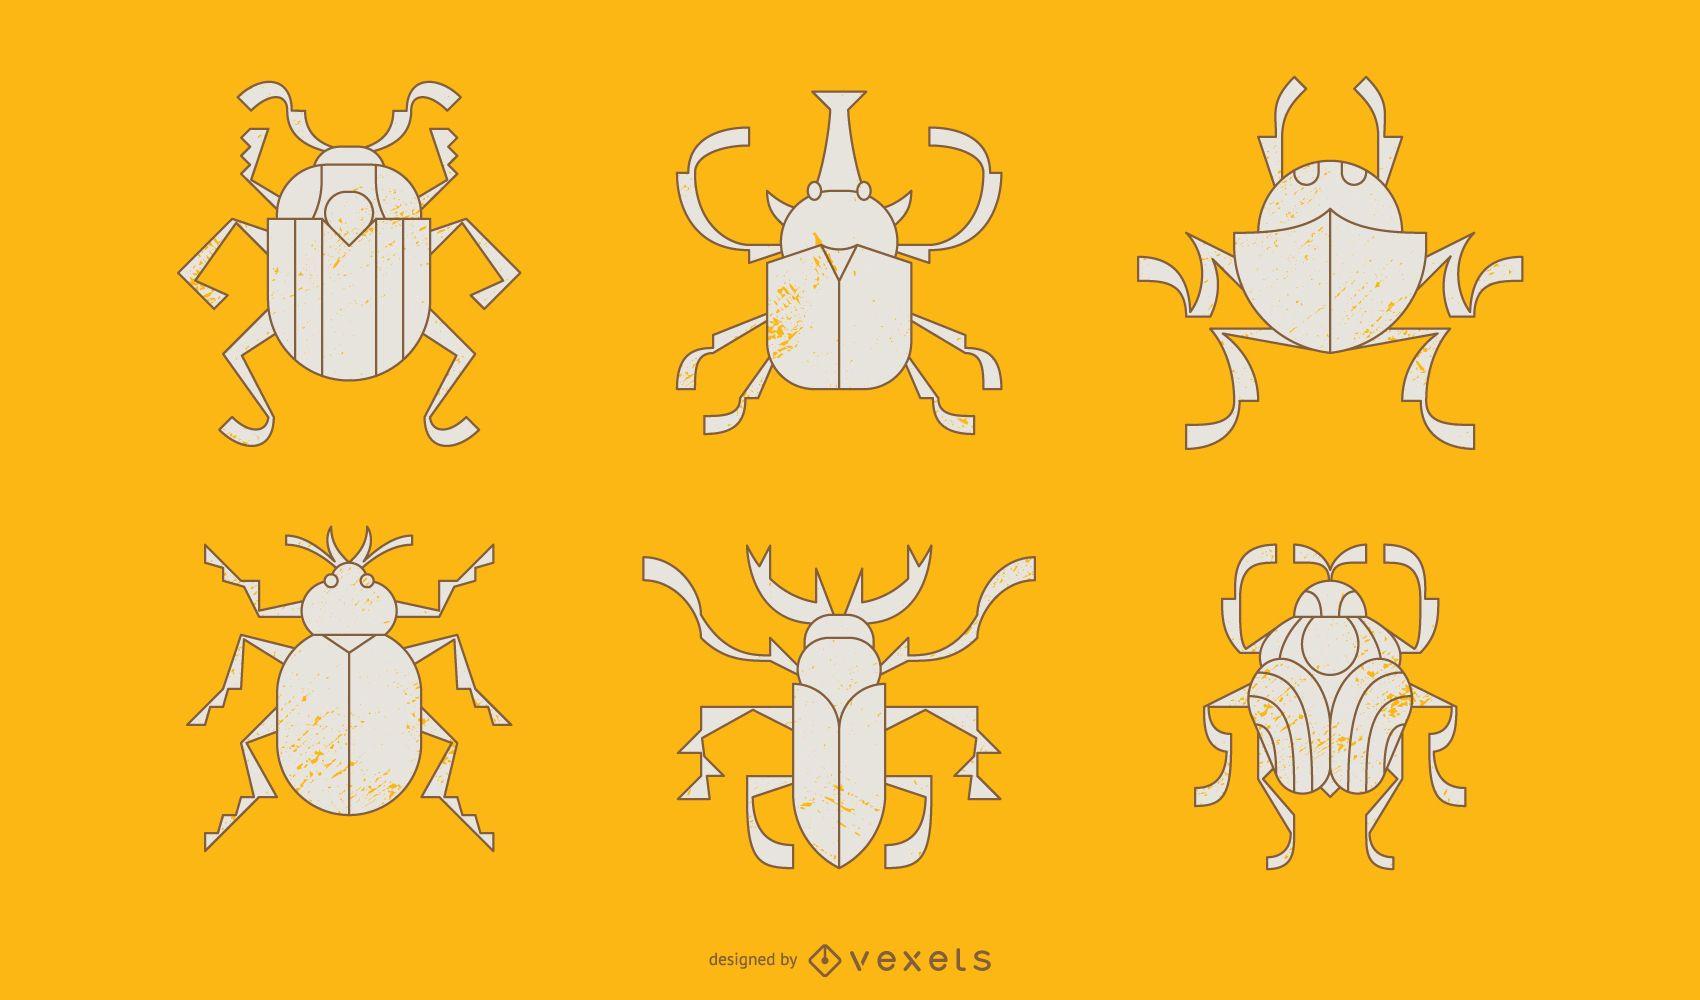 Beetle Geometric Style Illustration Pack